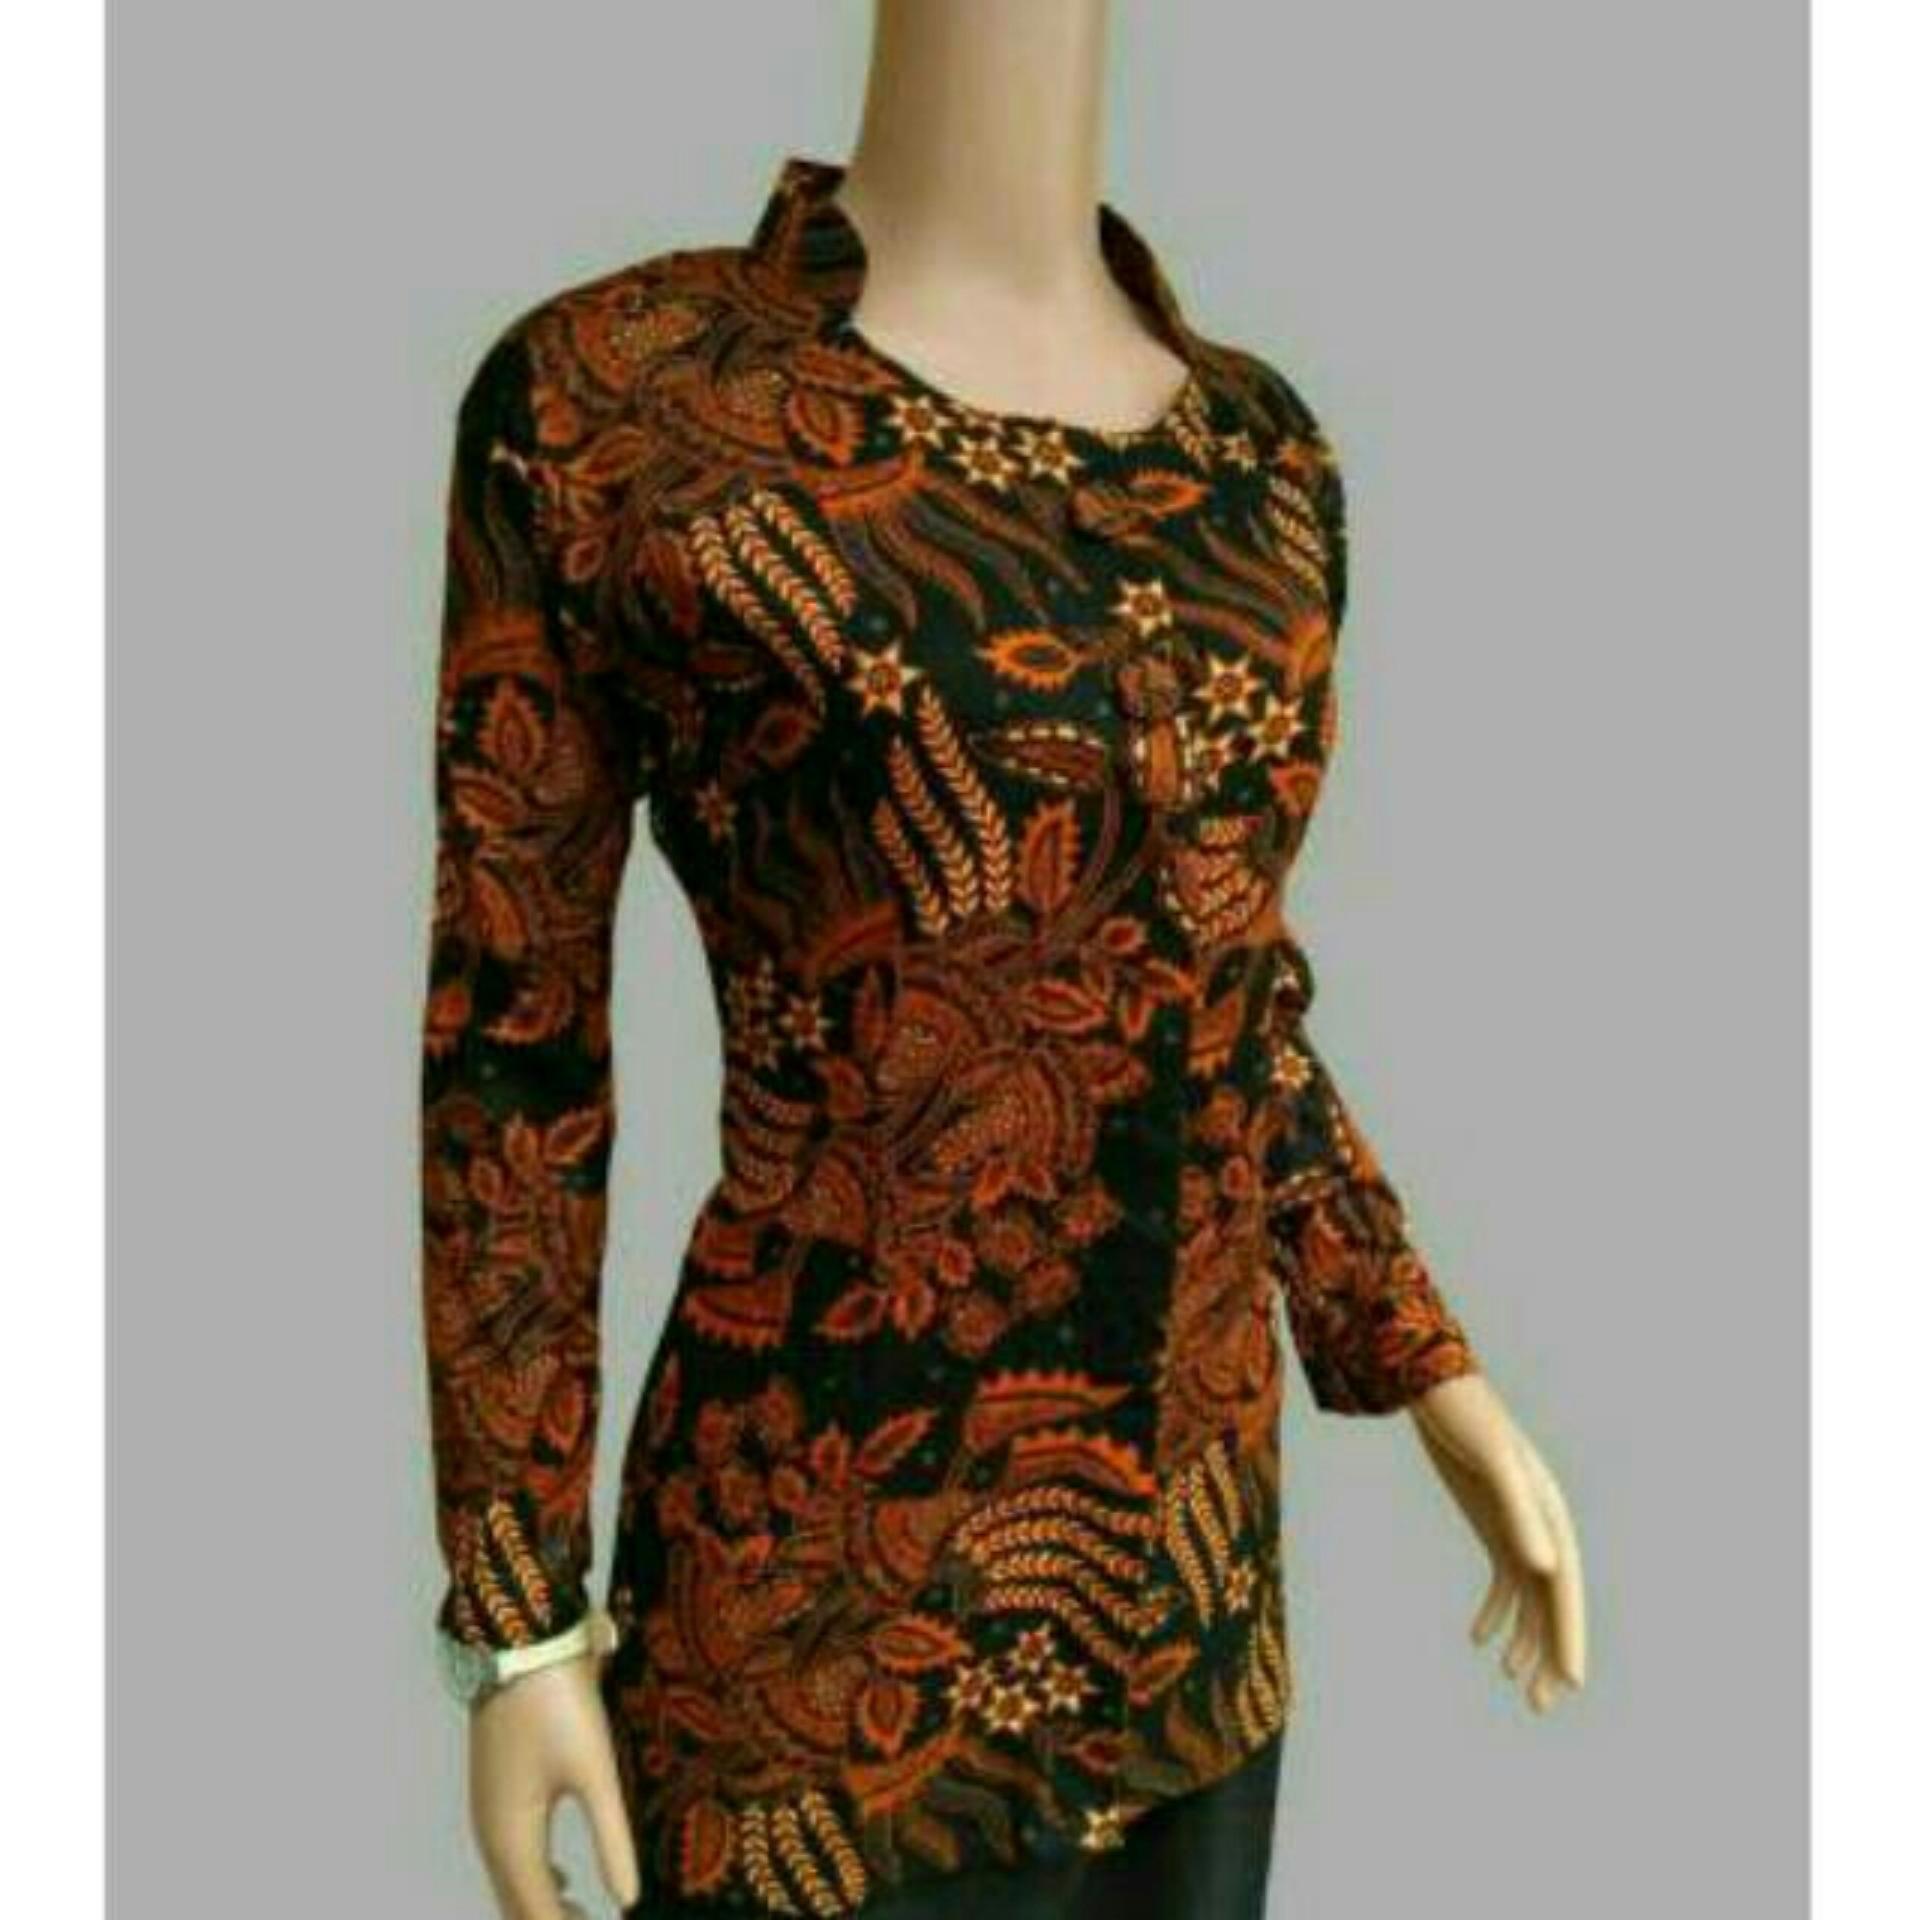 Tanah Abang F Setelan Kebaya Baju Batik Atasan dan Bawahan Kebaya Modern Baju Murah Batik Wanita Baju Wanita Batik Kutu Baru Murah